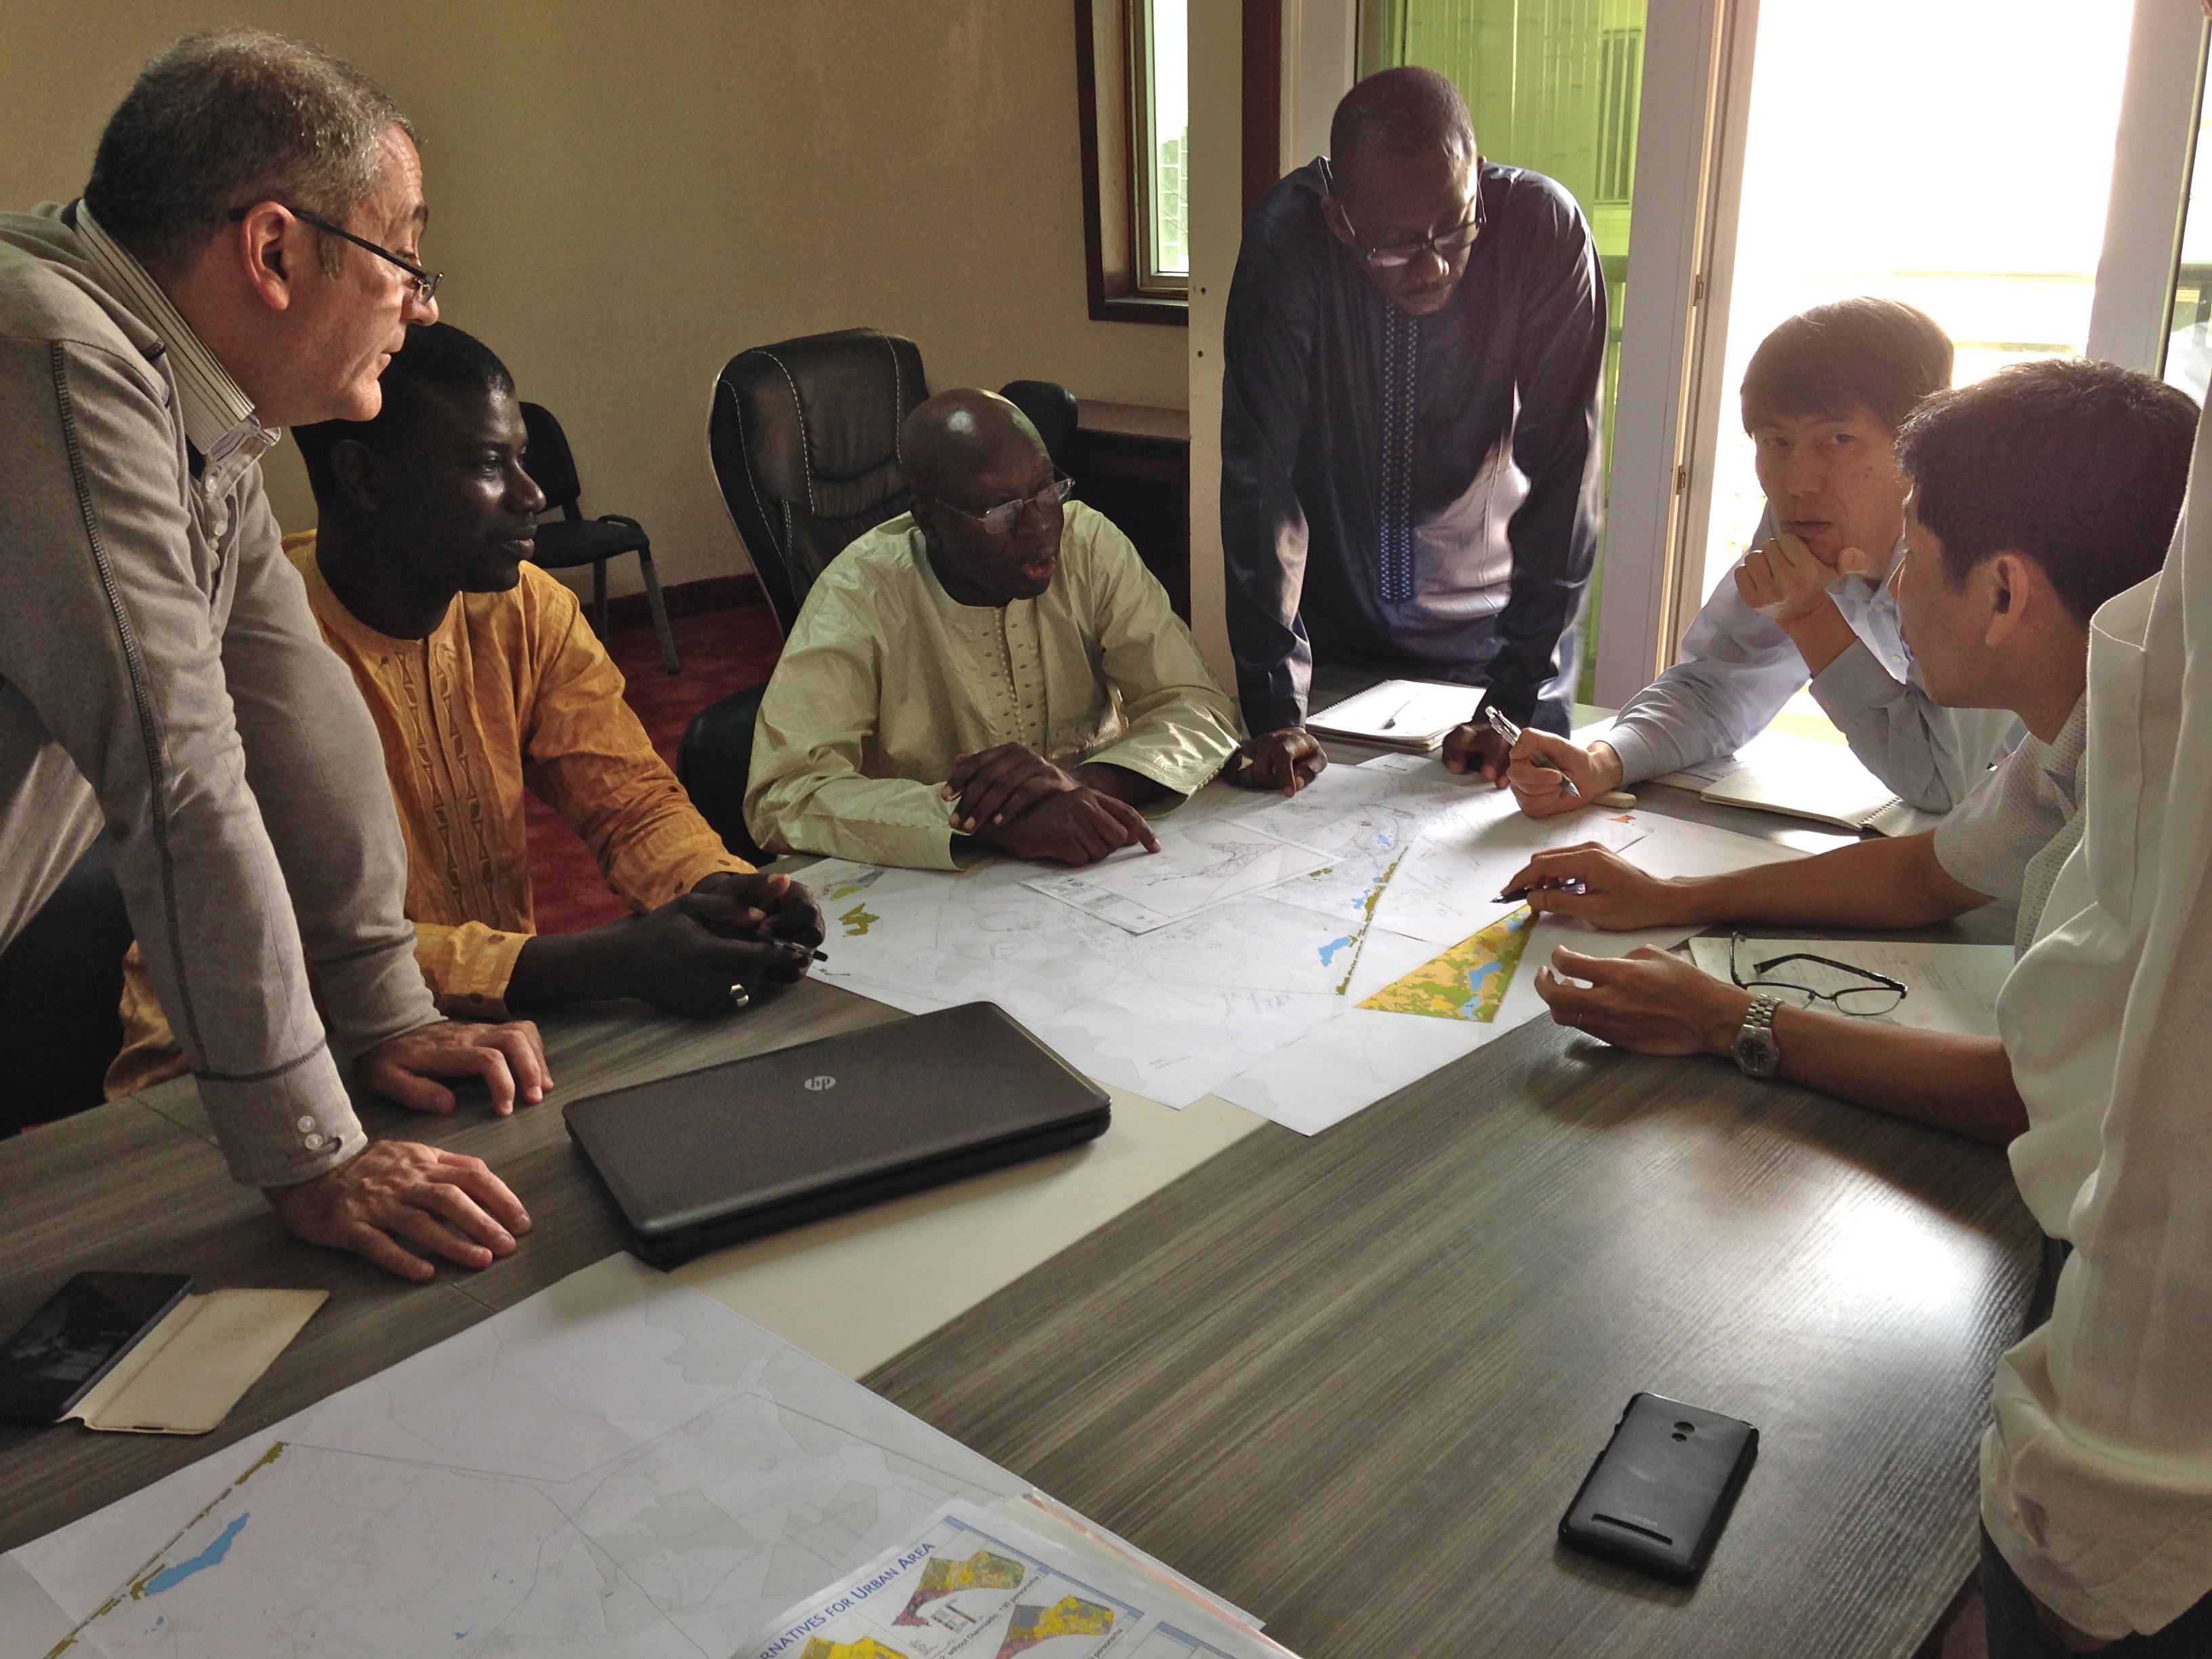 セネガル政府職員との協議。セネガル政府のカウンターパート職員と調査団により、ダカールの歴史、問題点、開発課題に係る協議が開催されました。